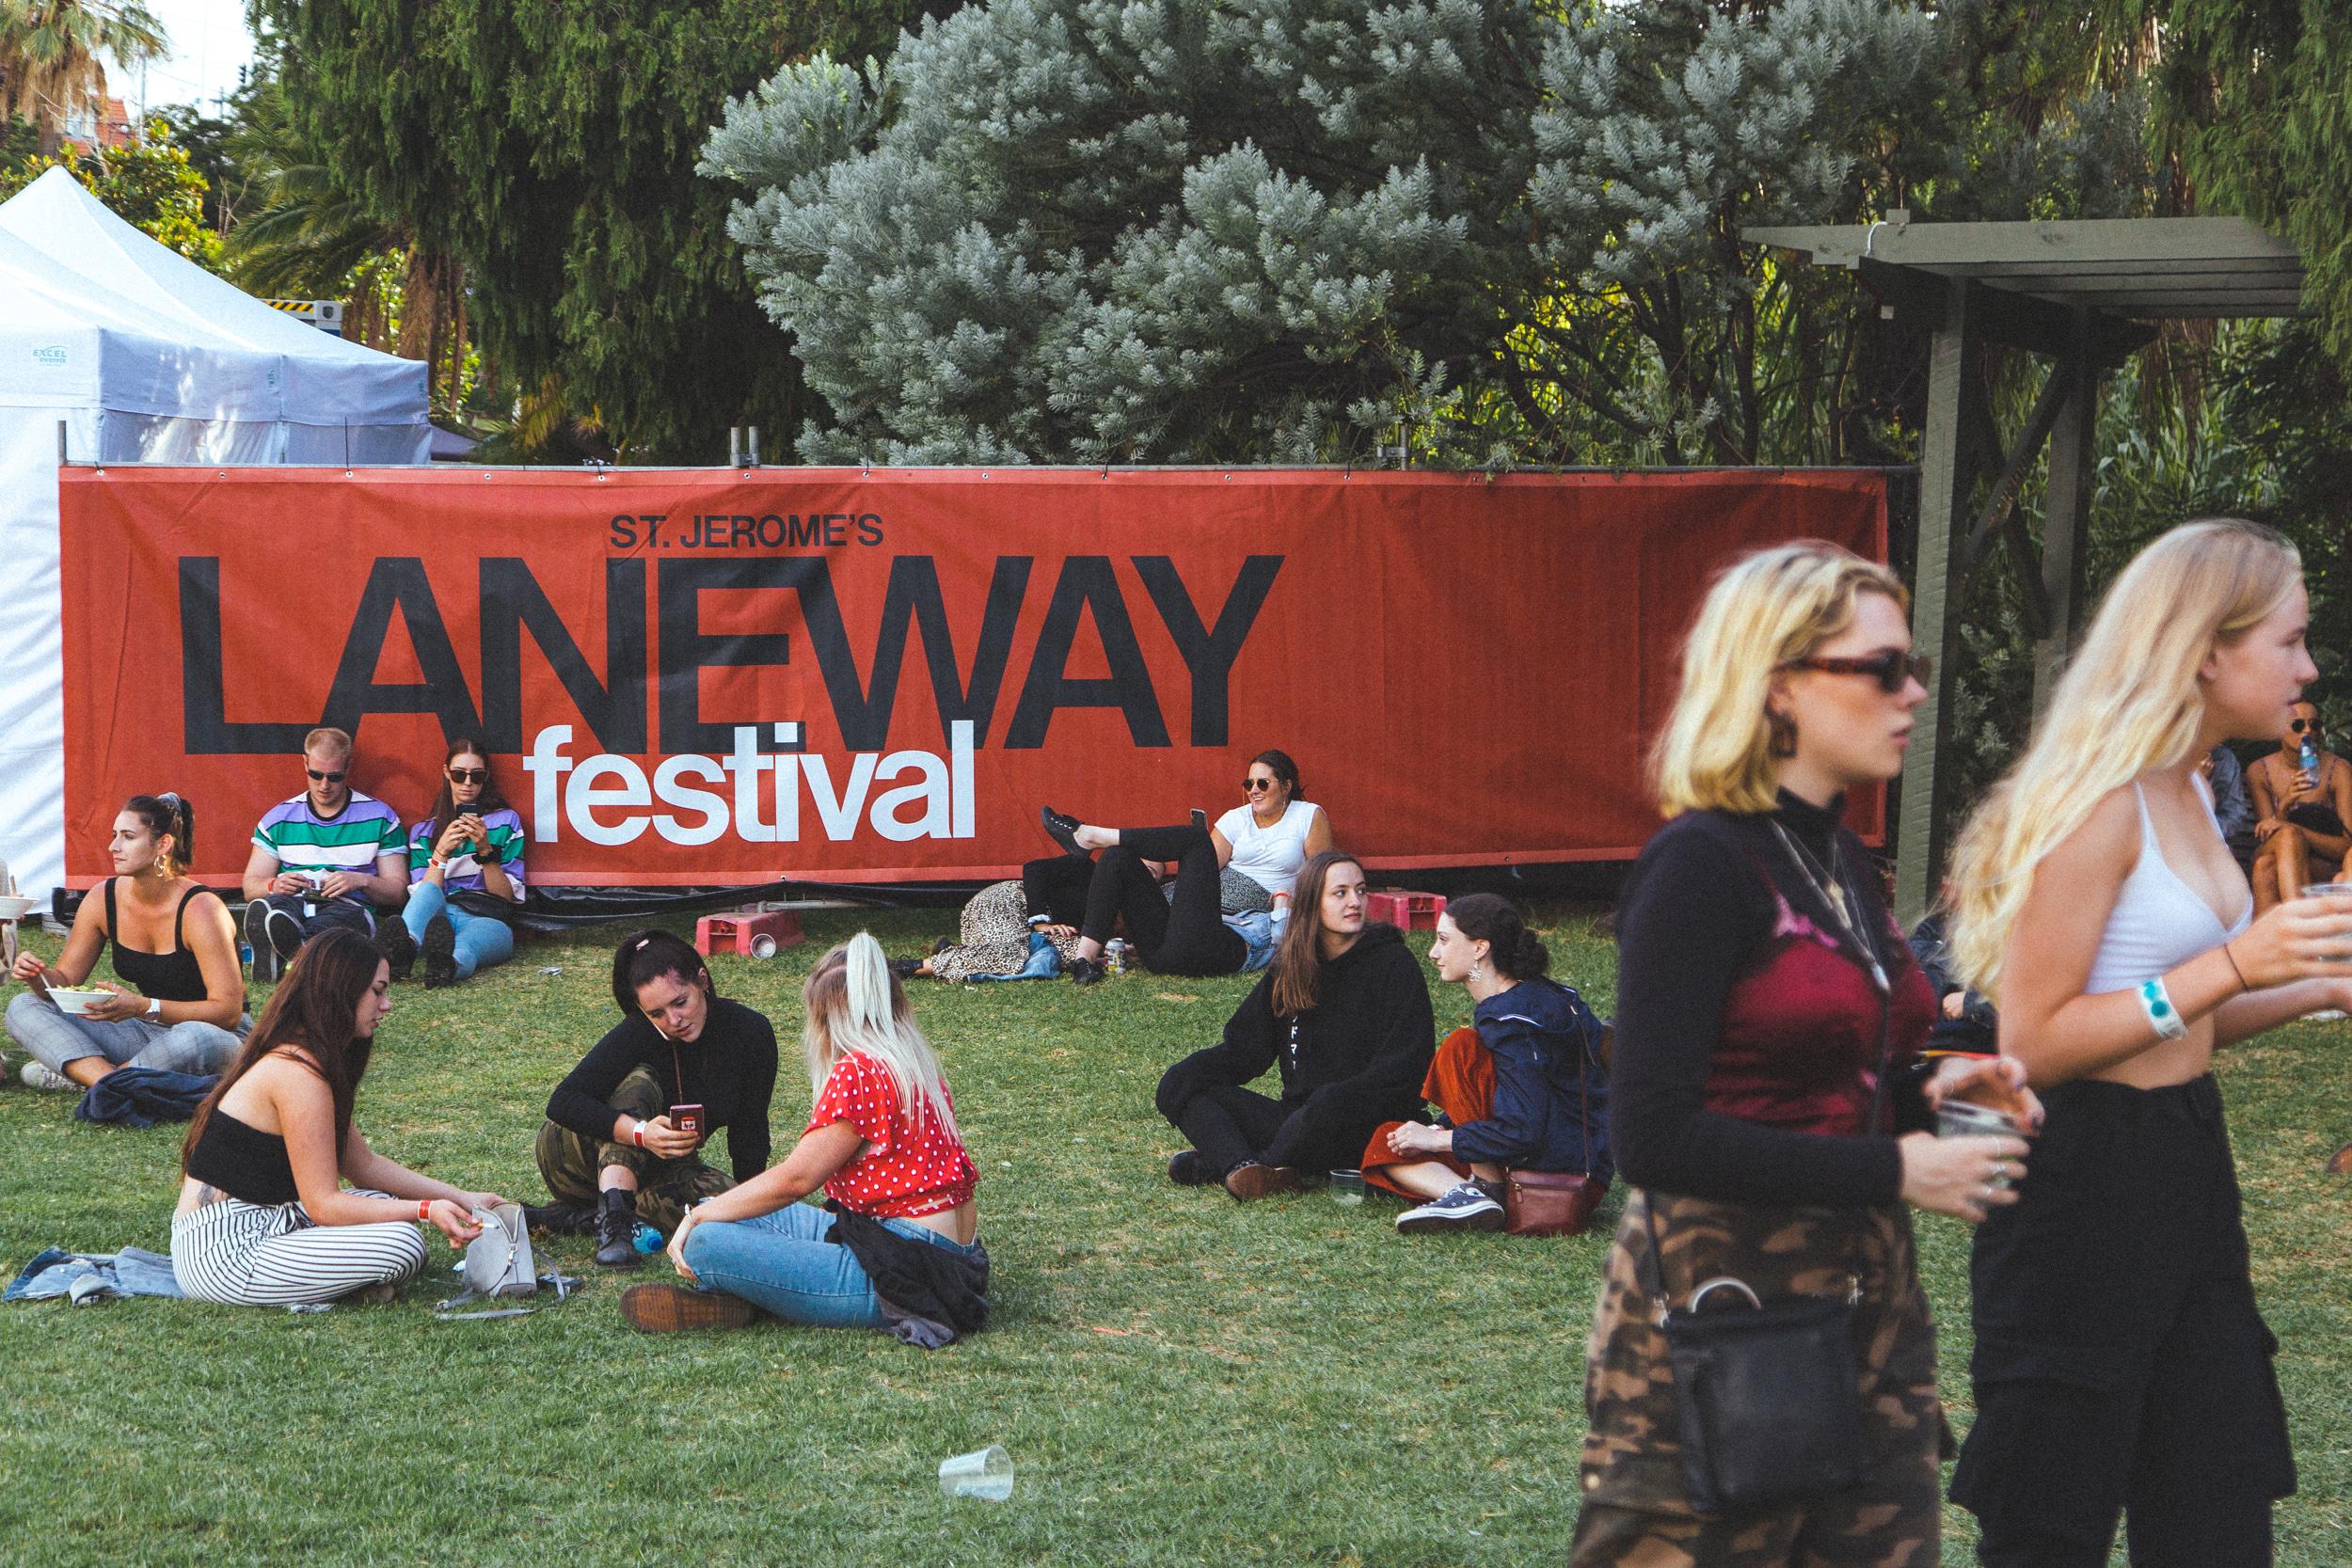 FestivalSite_Laneway2019-0662.jpg